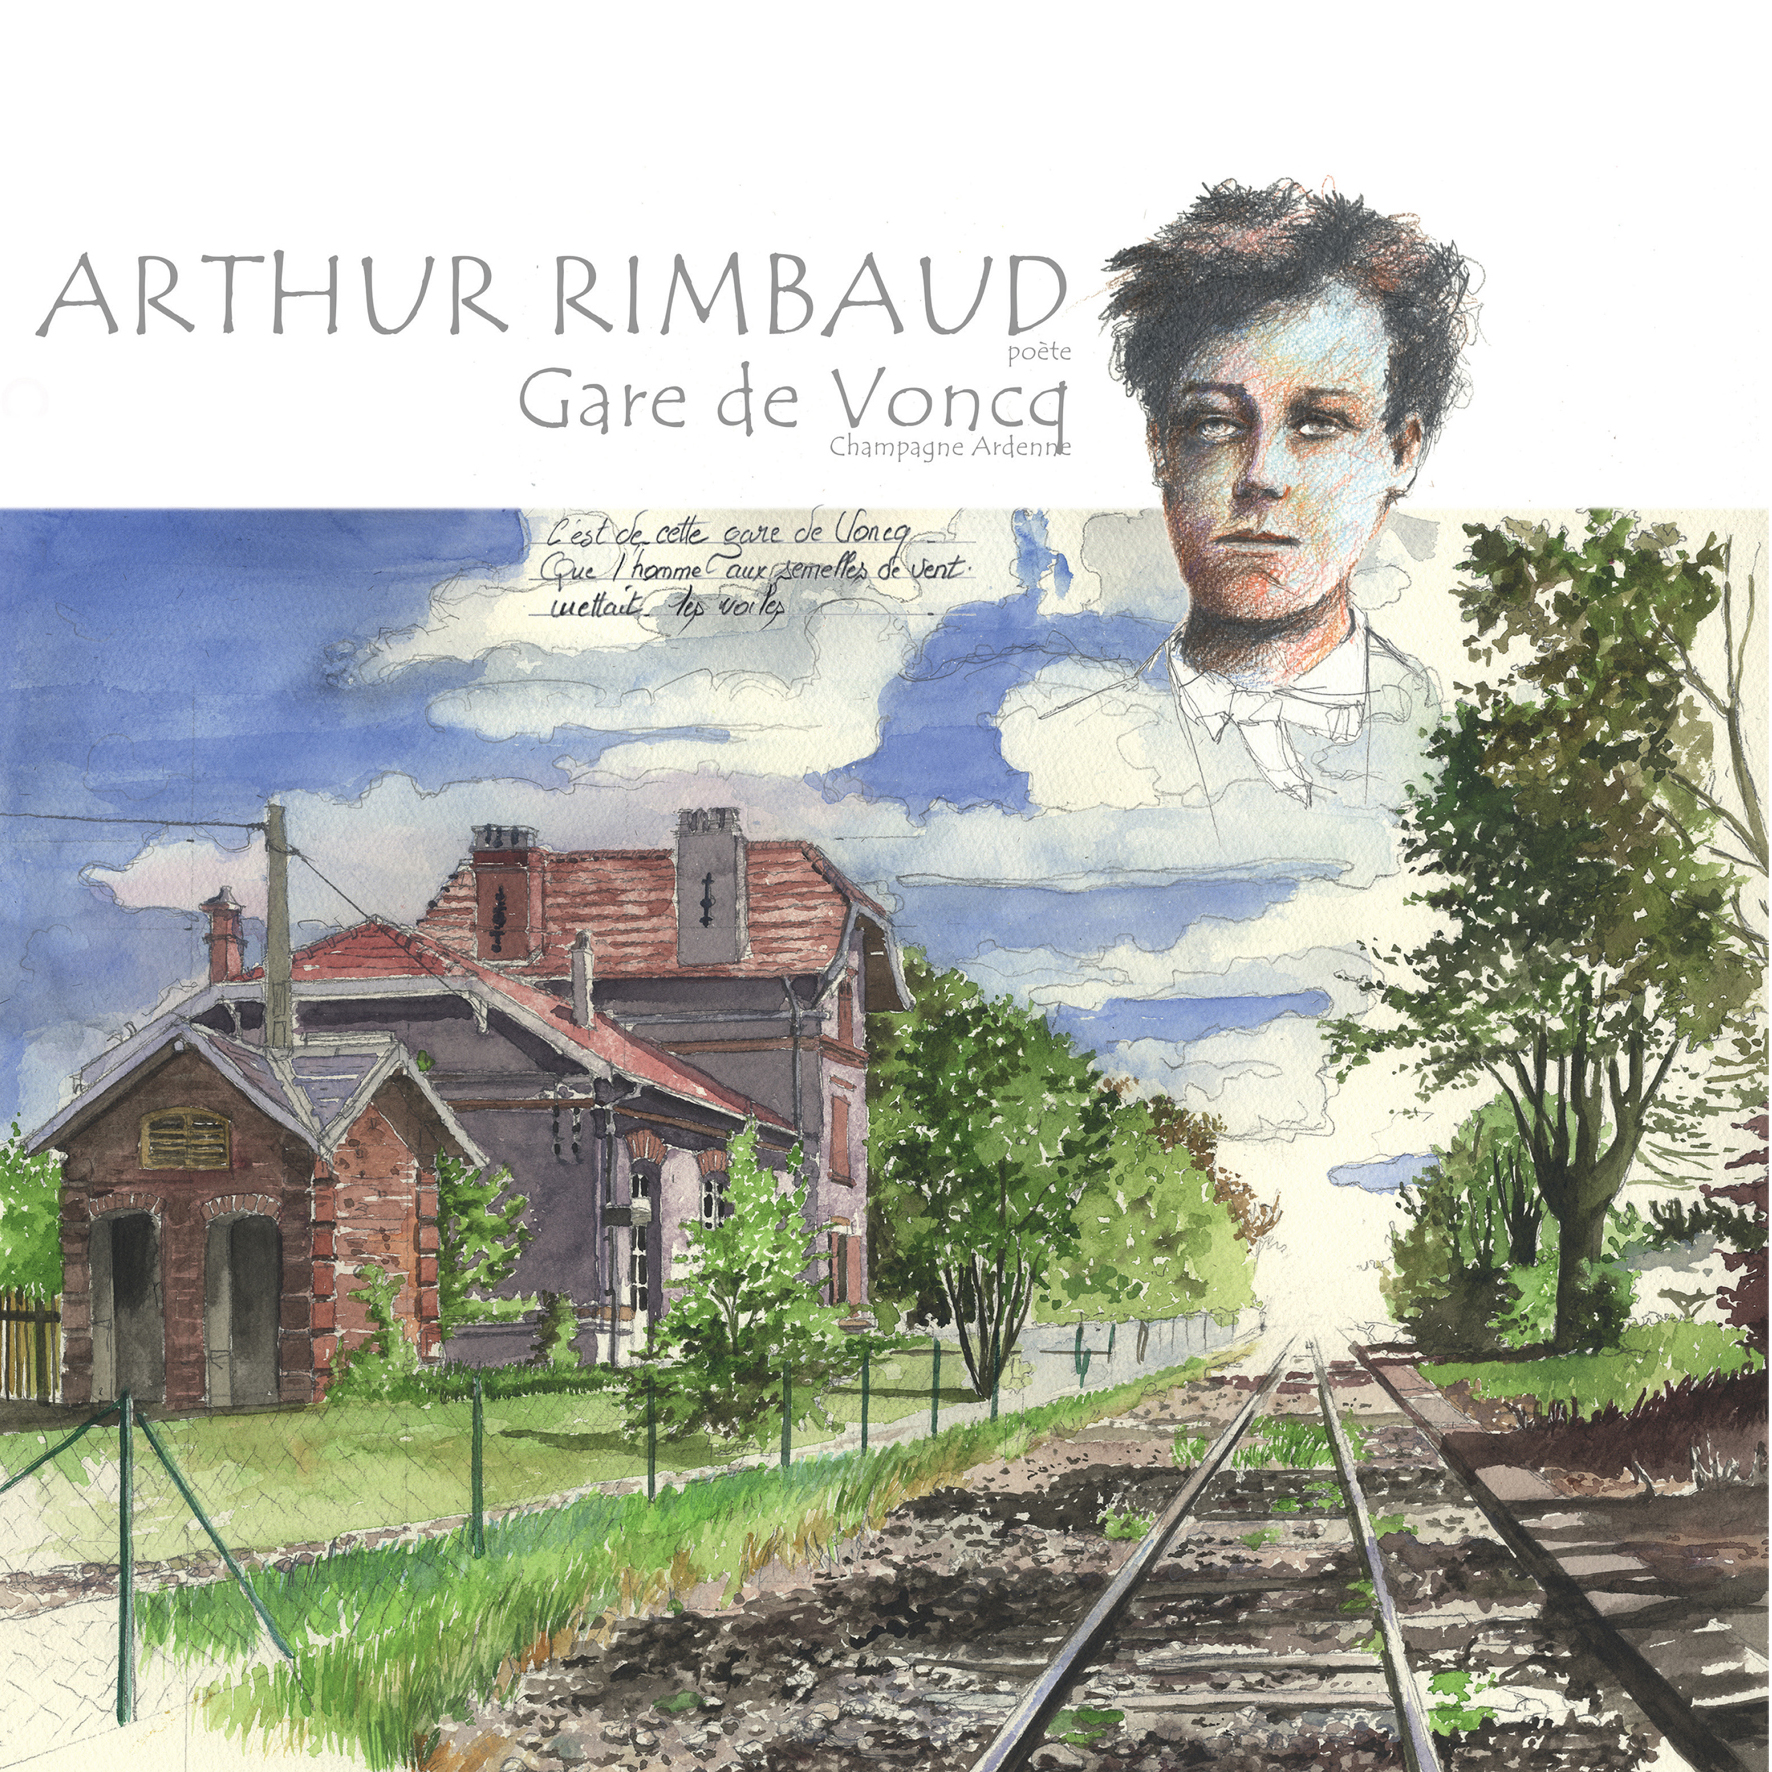 17-ARTHUR RIMBAUD